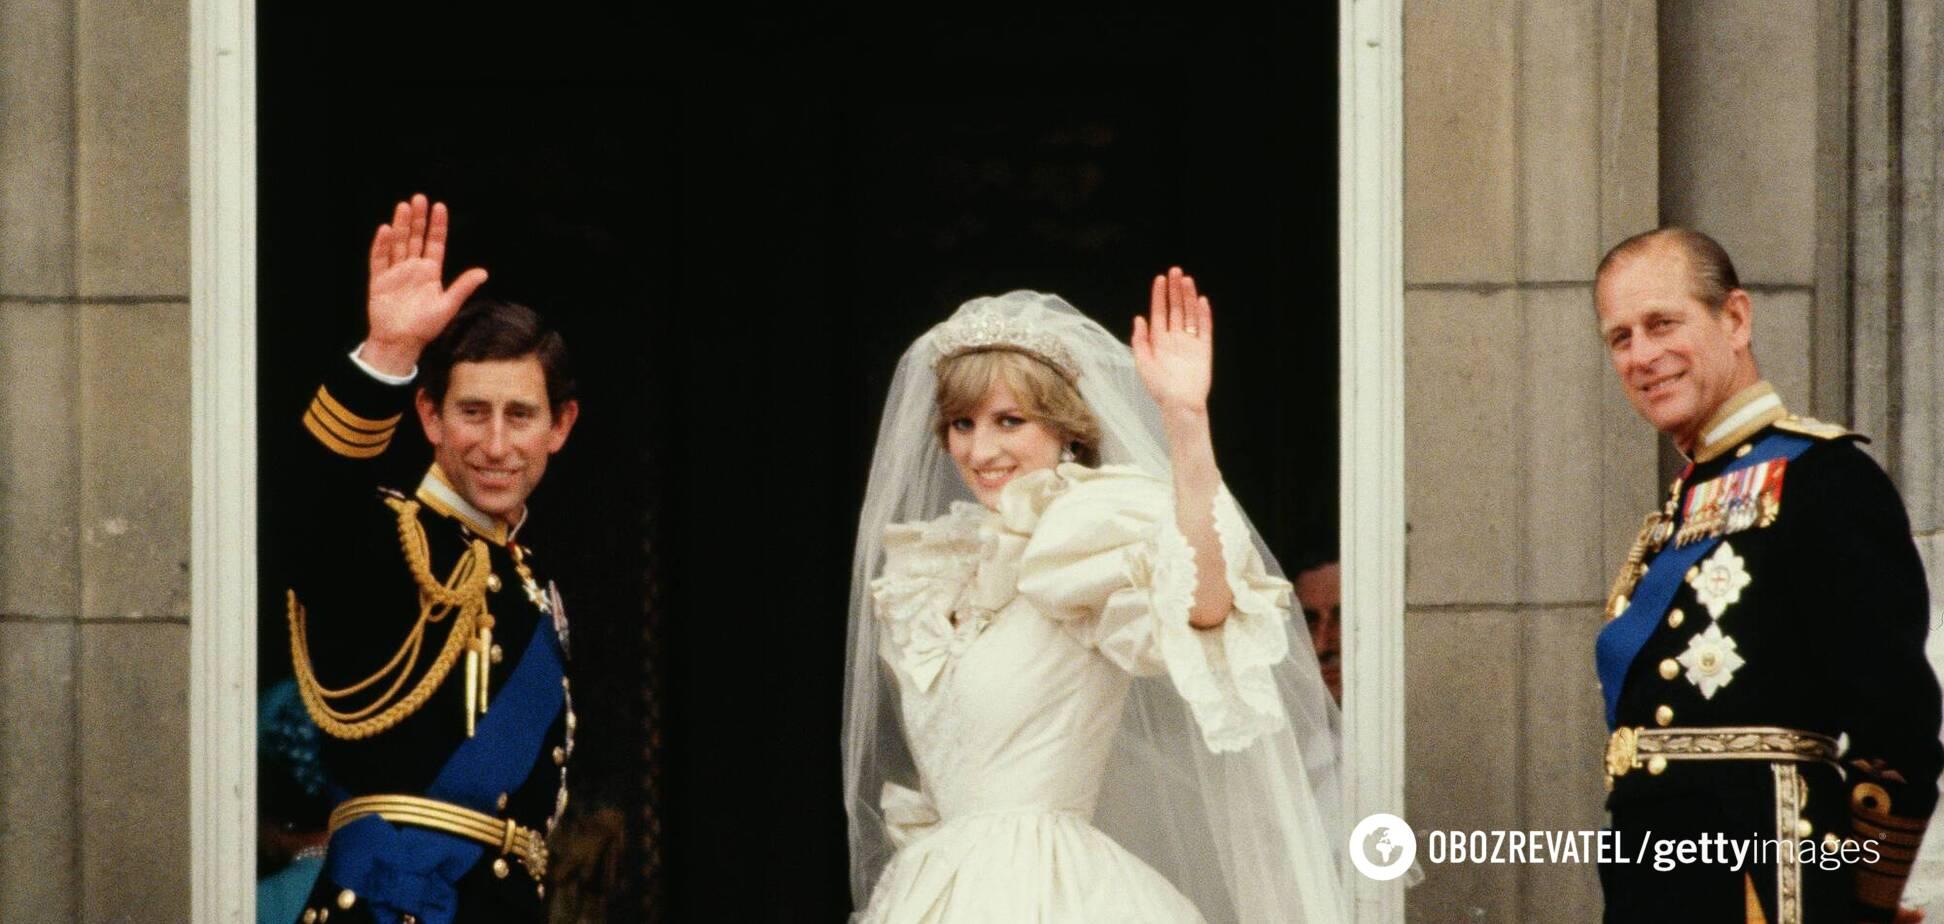 Весілля принца Чарльза і принцеси Діани відбулося 29 липня 1981 року